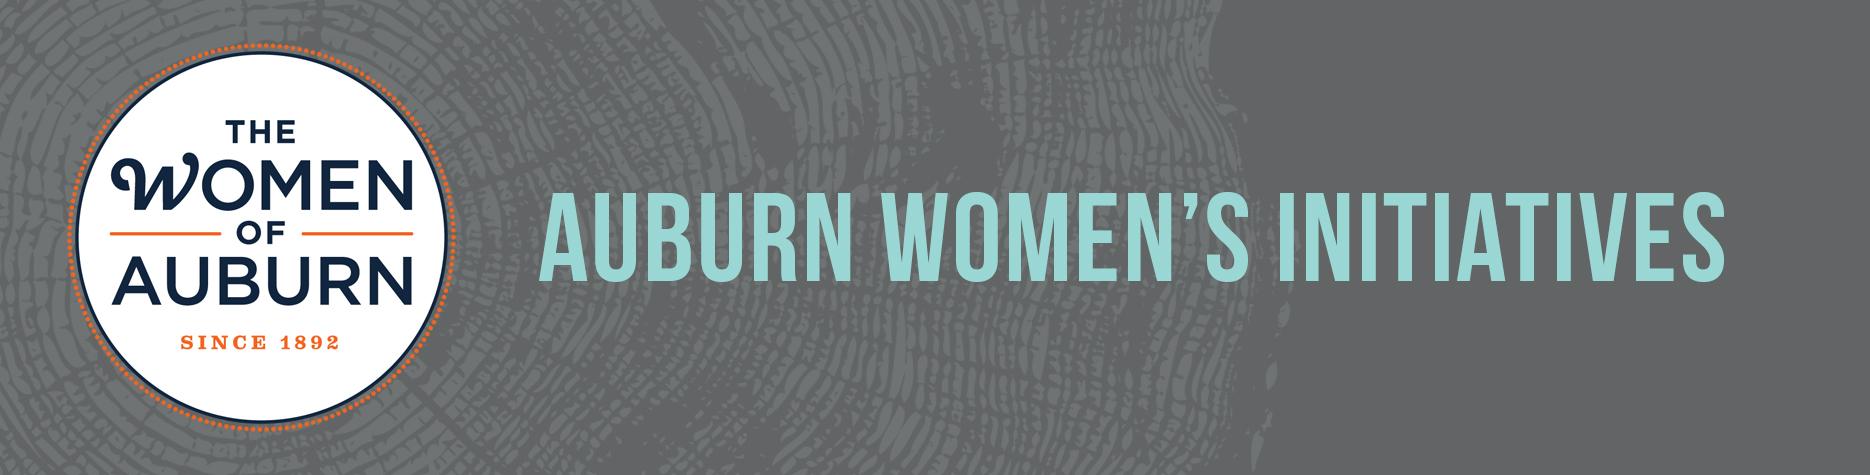 AAA-Web-Header-AuburnWomensInitiatives